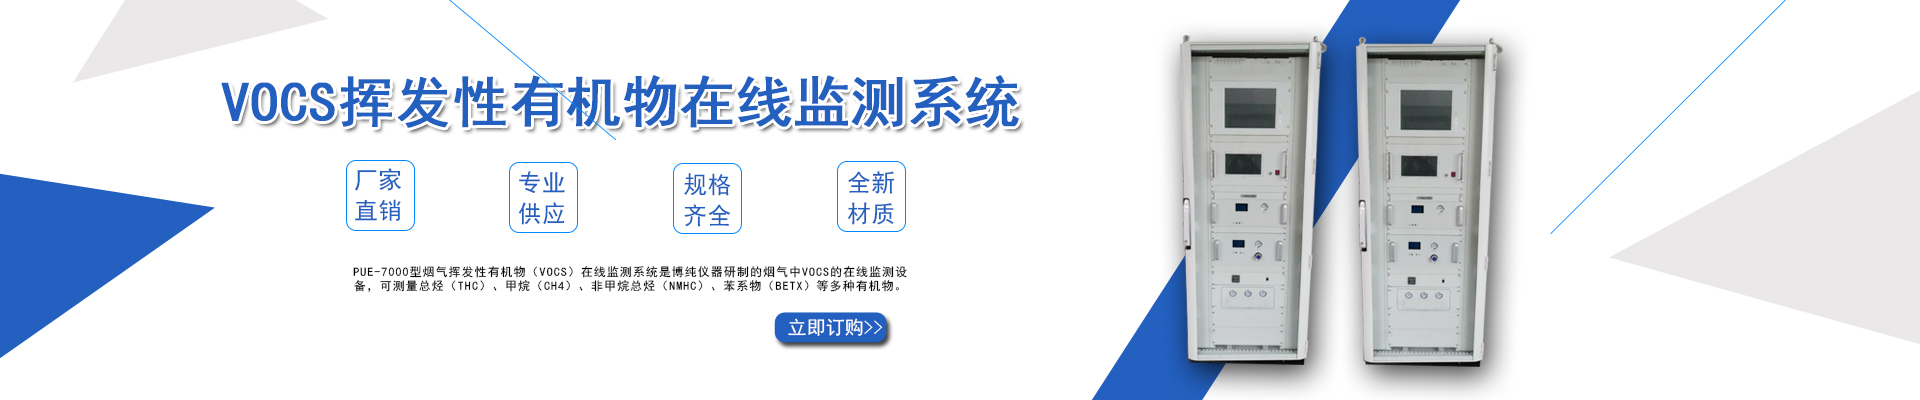 西安博纯仪器有限公司